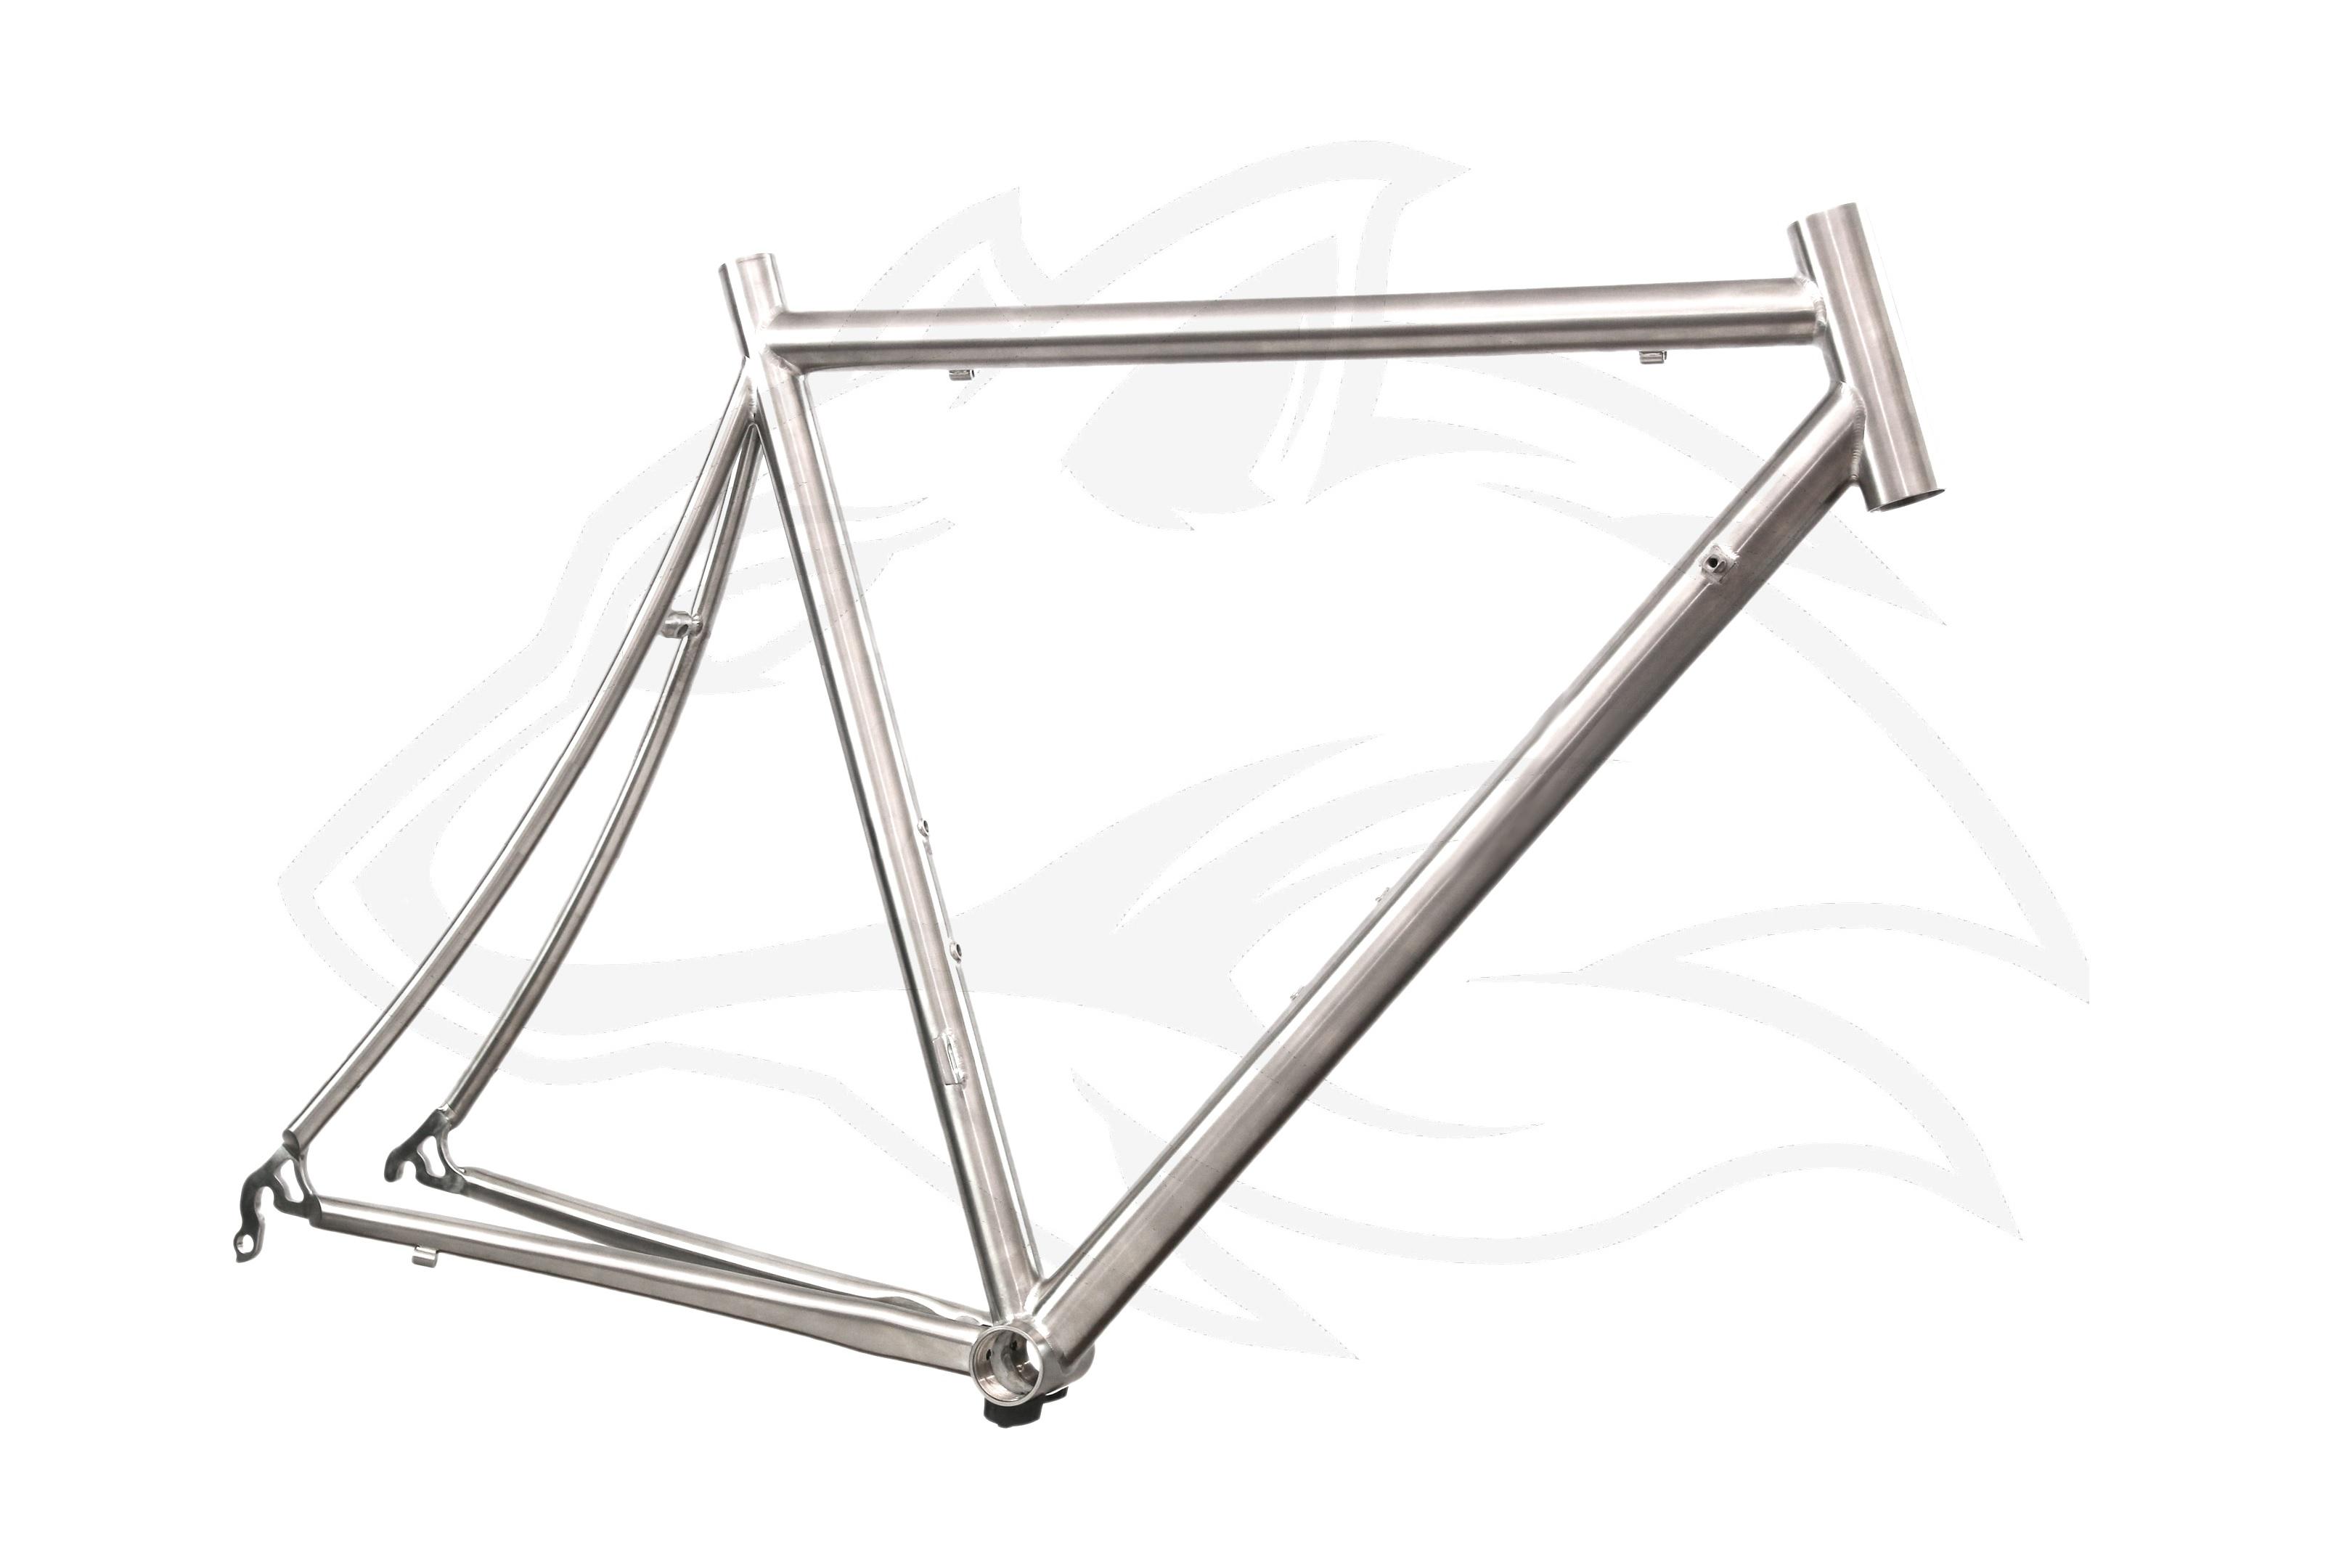 titan rennradrahmen road frame 700cc individueller. Black Bedroom Furniture Sets. Home Design Ideas